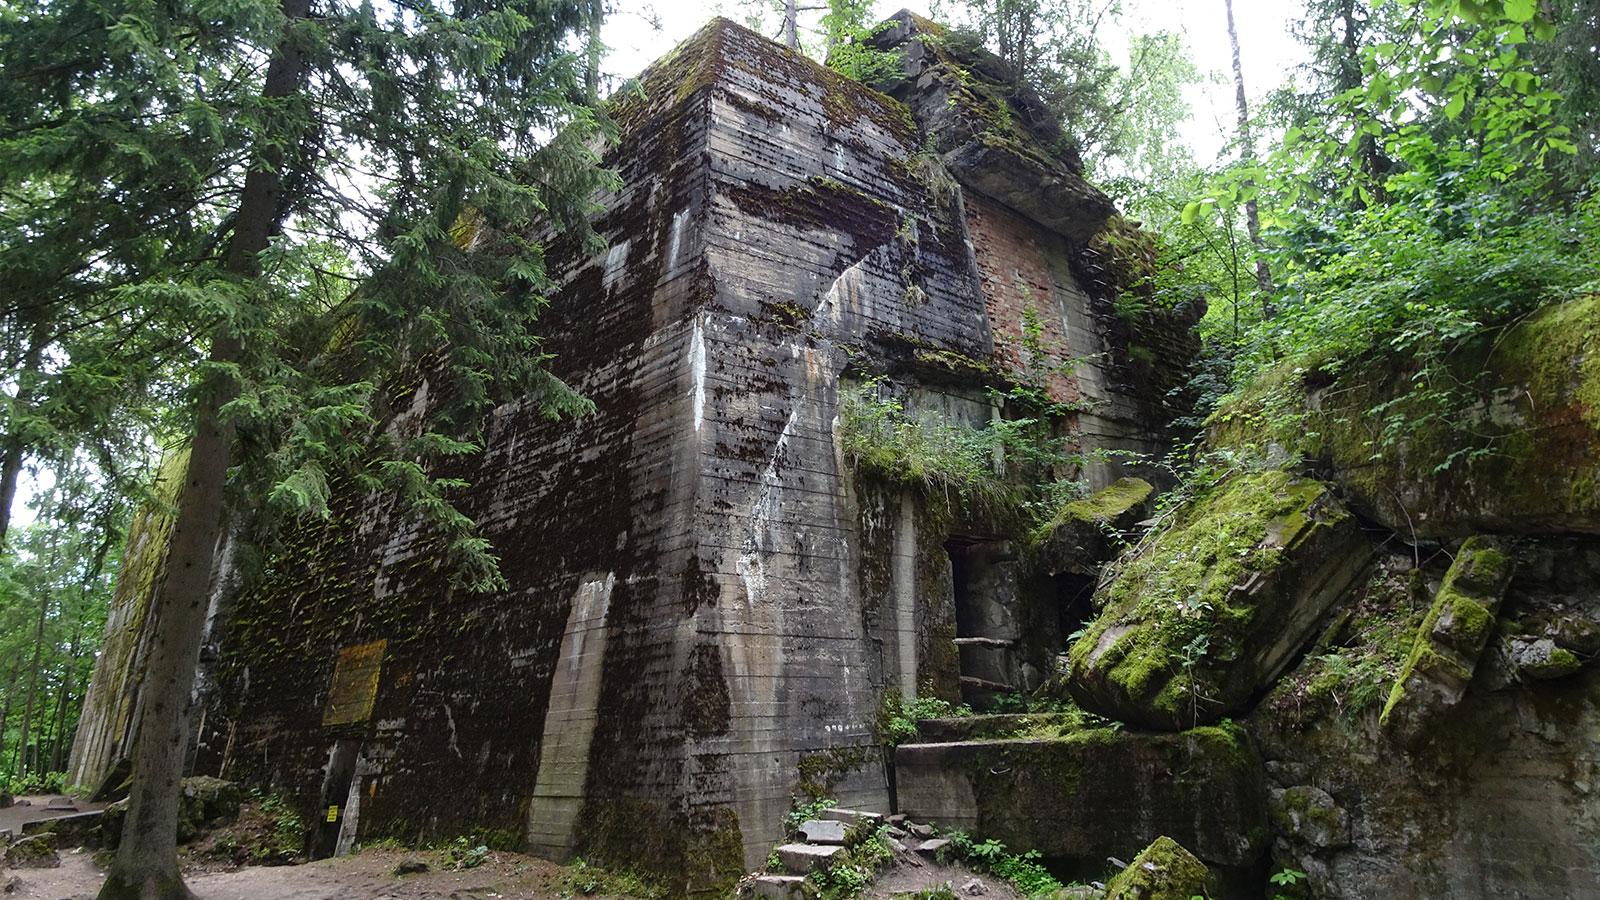 Abenteuerliche Ruinen in Polens Wäldern